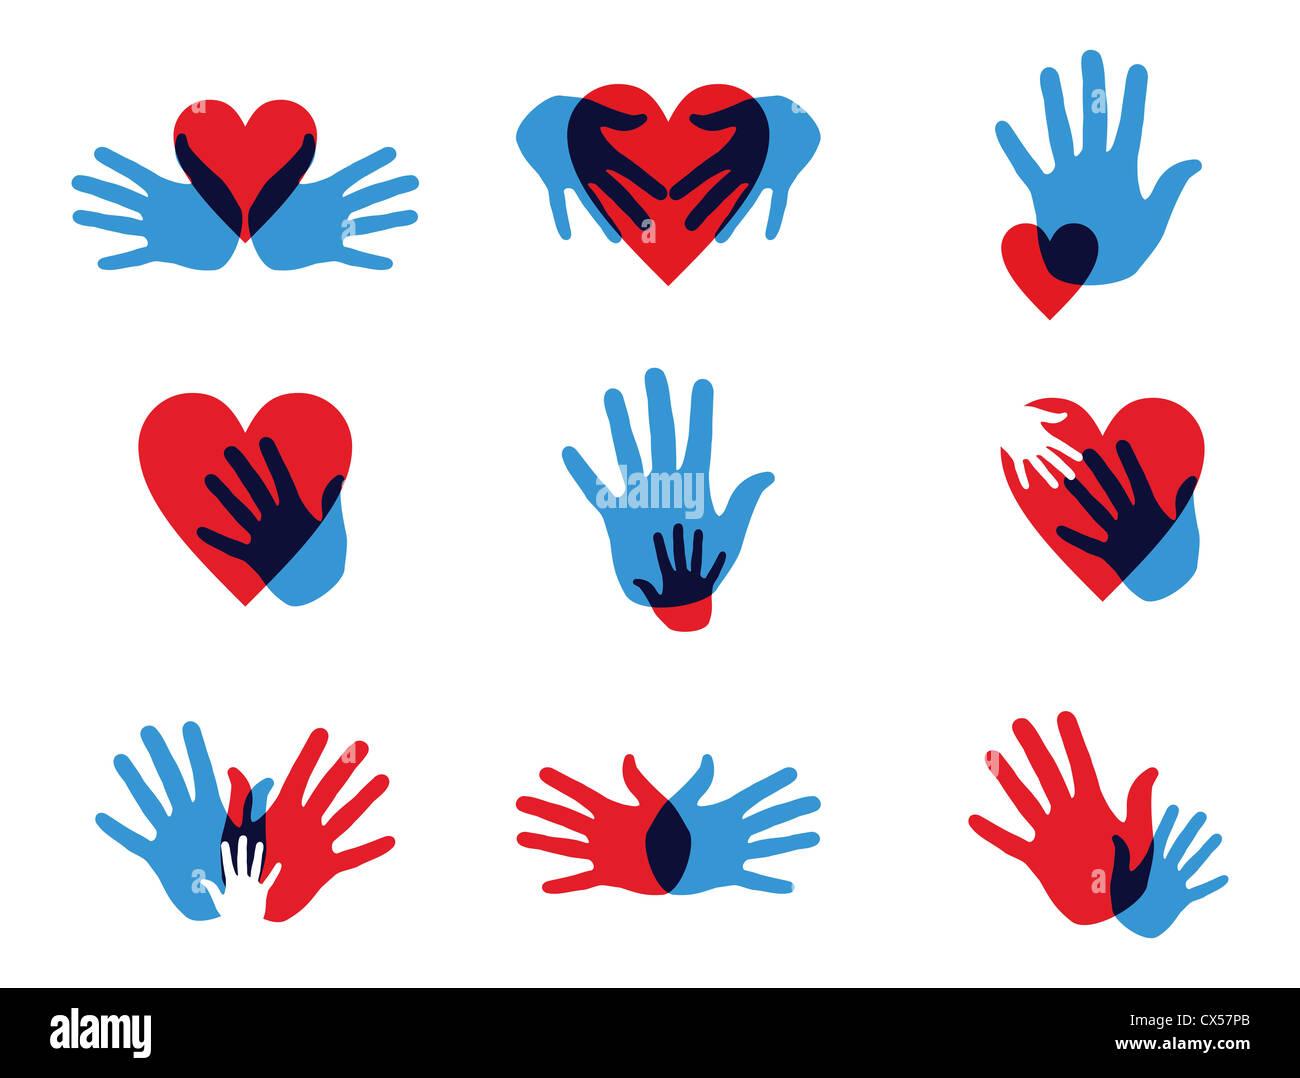 Multicolor diversité créative mains icon set. Couches d'illustration vectorielle pour une manipulation Photo Stock